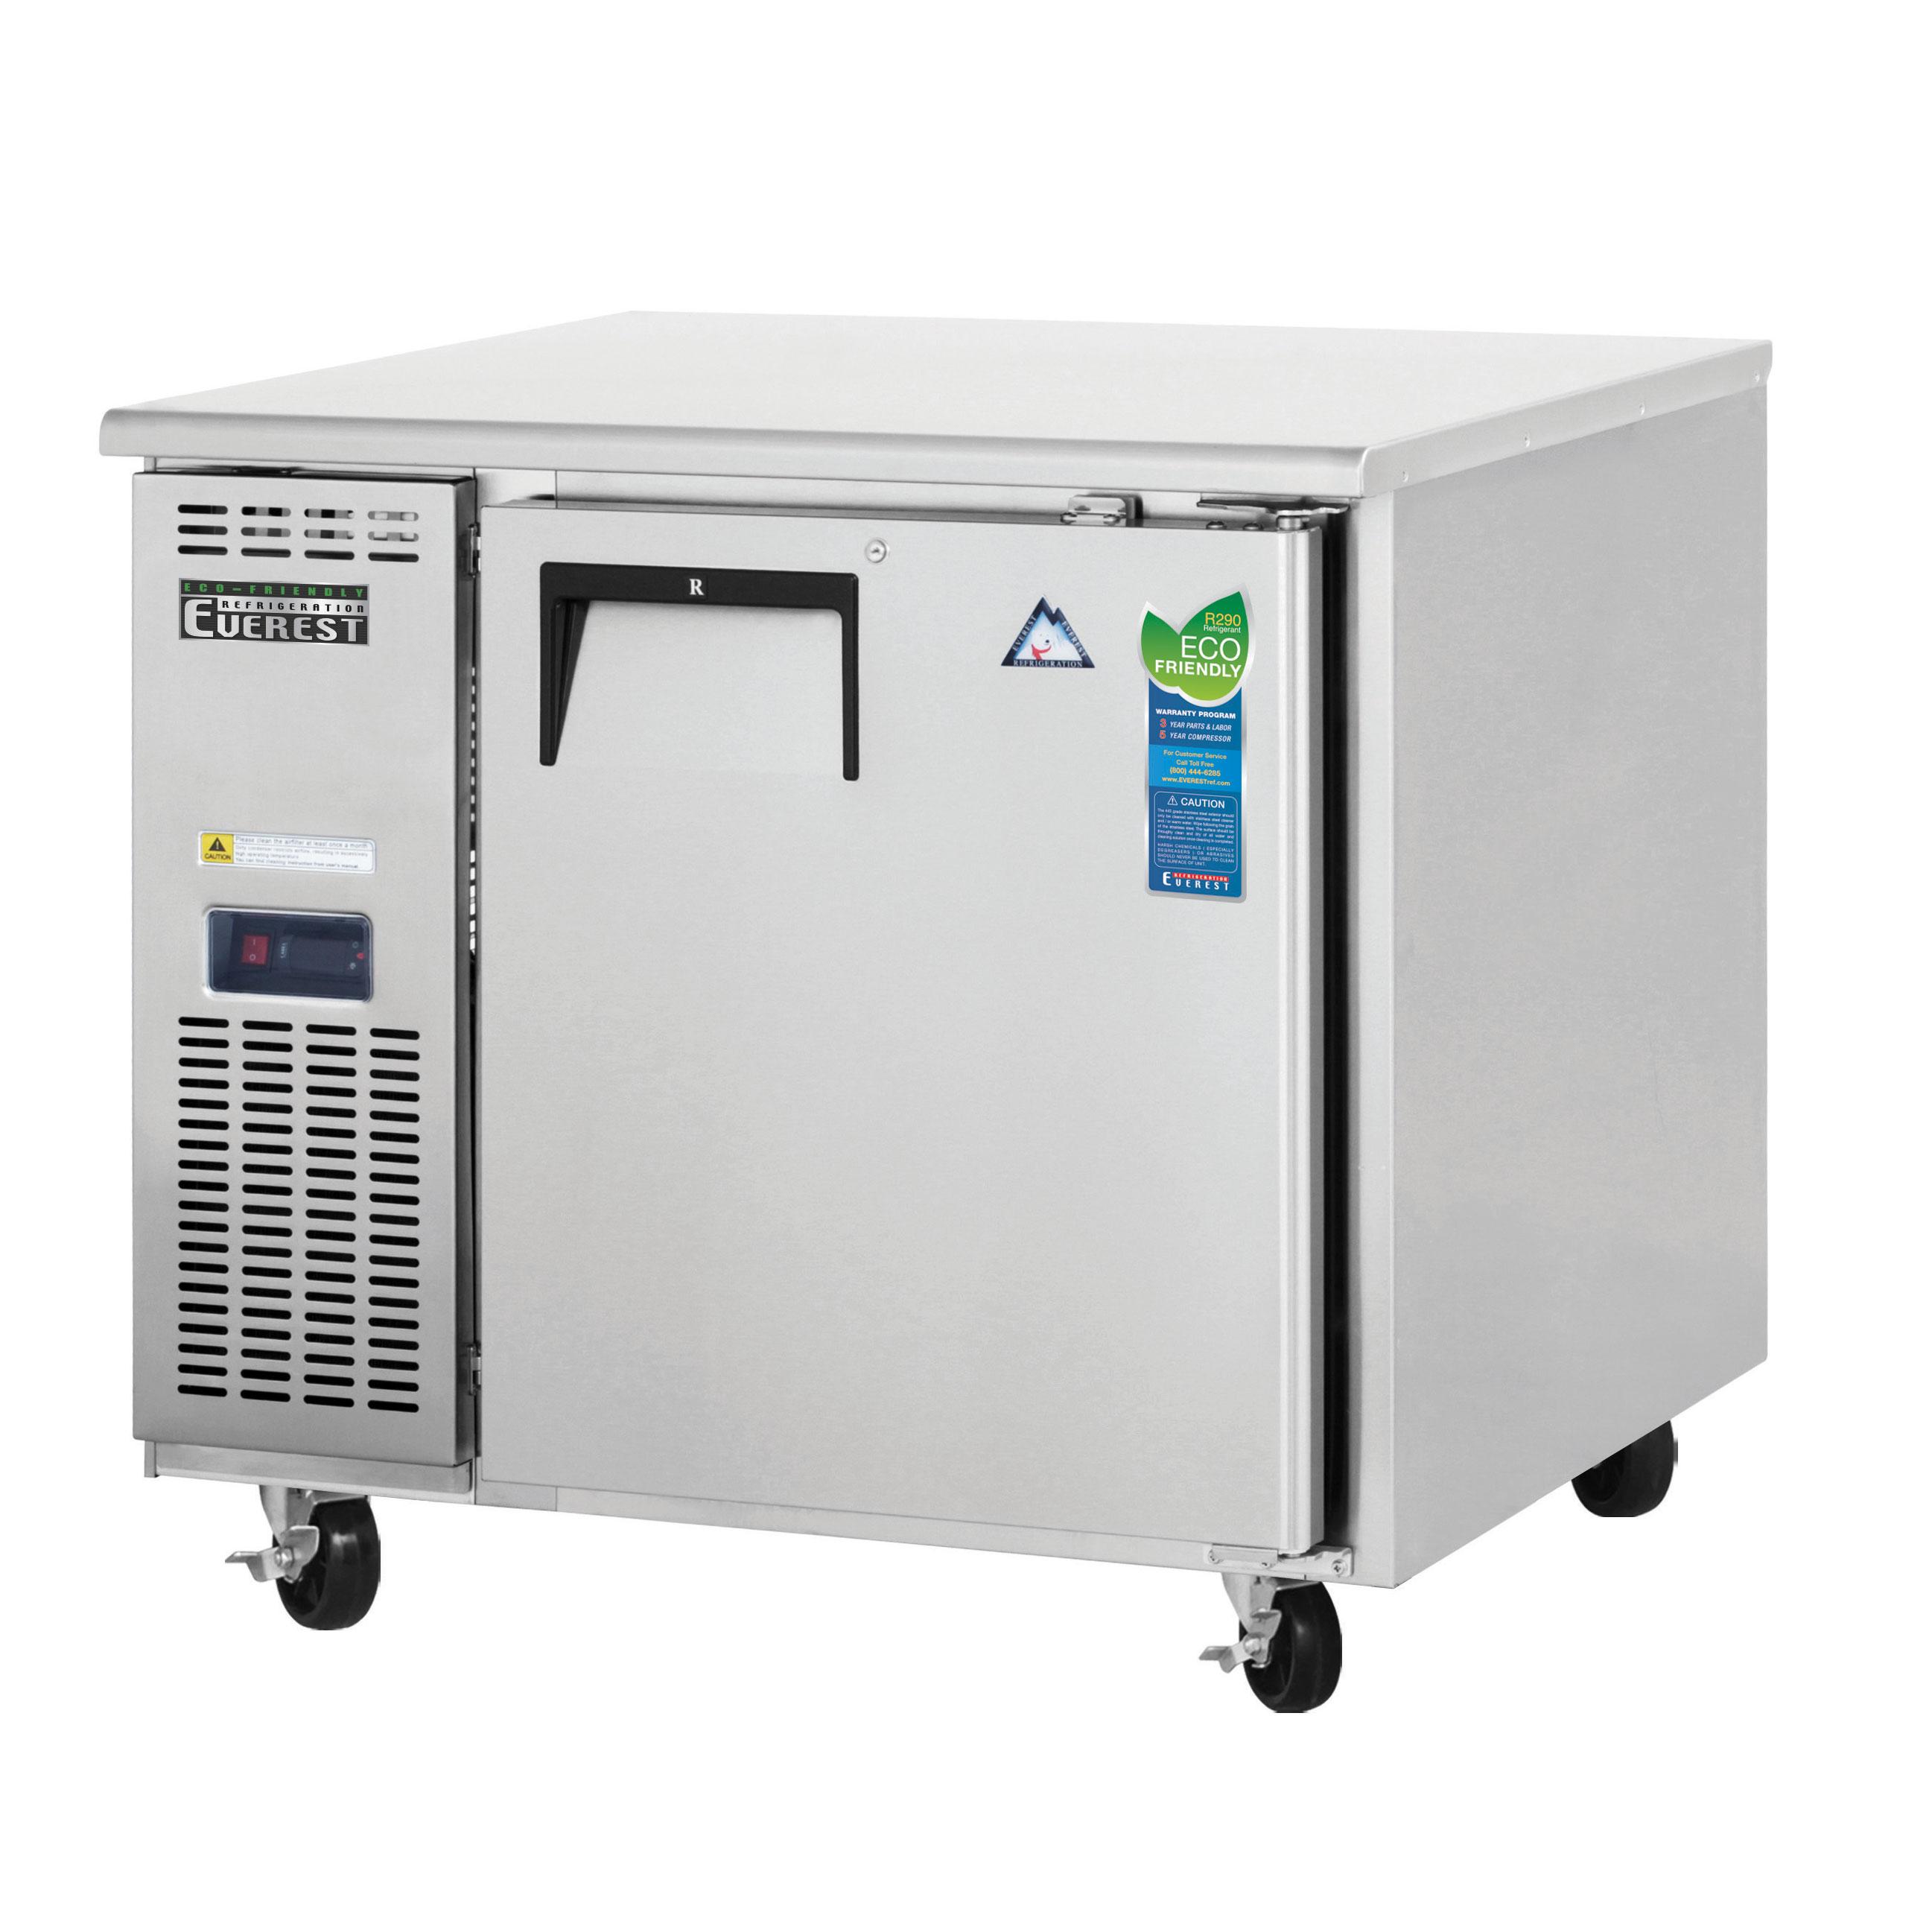 Everest Refrigeration ETR1 refrigerator, undercounter, reach-in